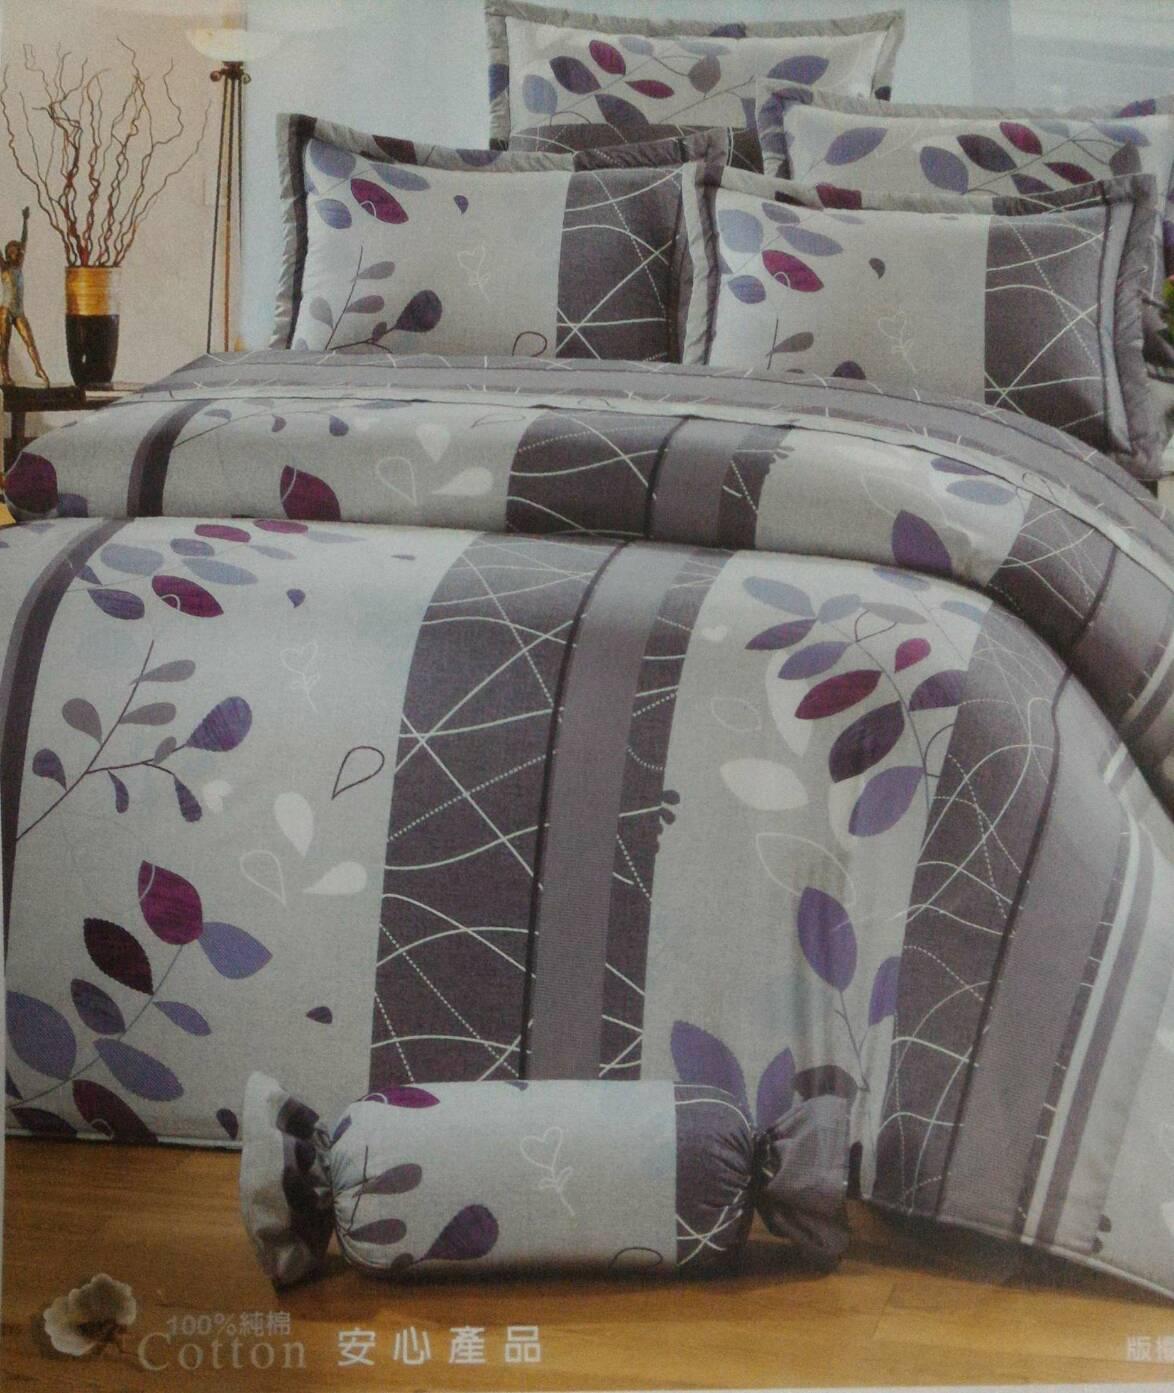 [床工坊]台製高級精梳棉 (雙面花床罩六件組+贈品)/雙面花床包4件組-起毛球保固款 0